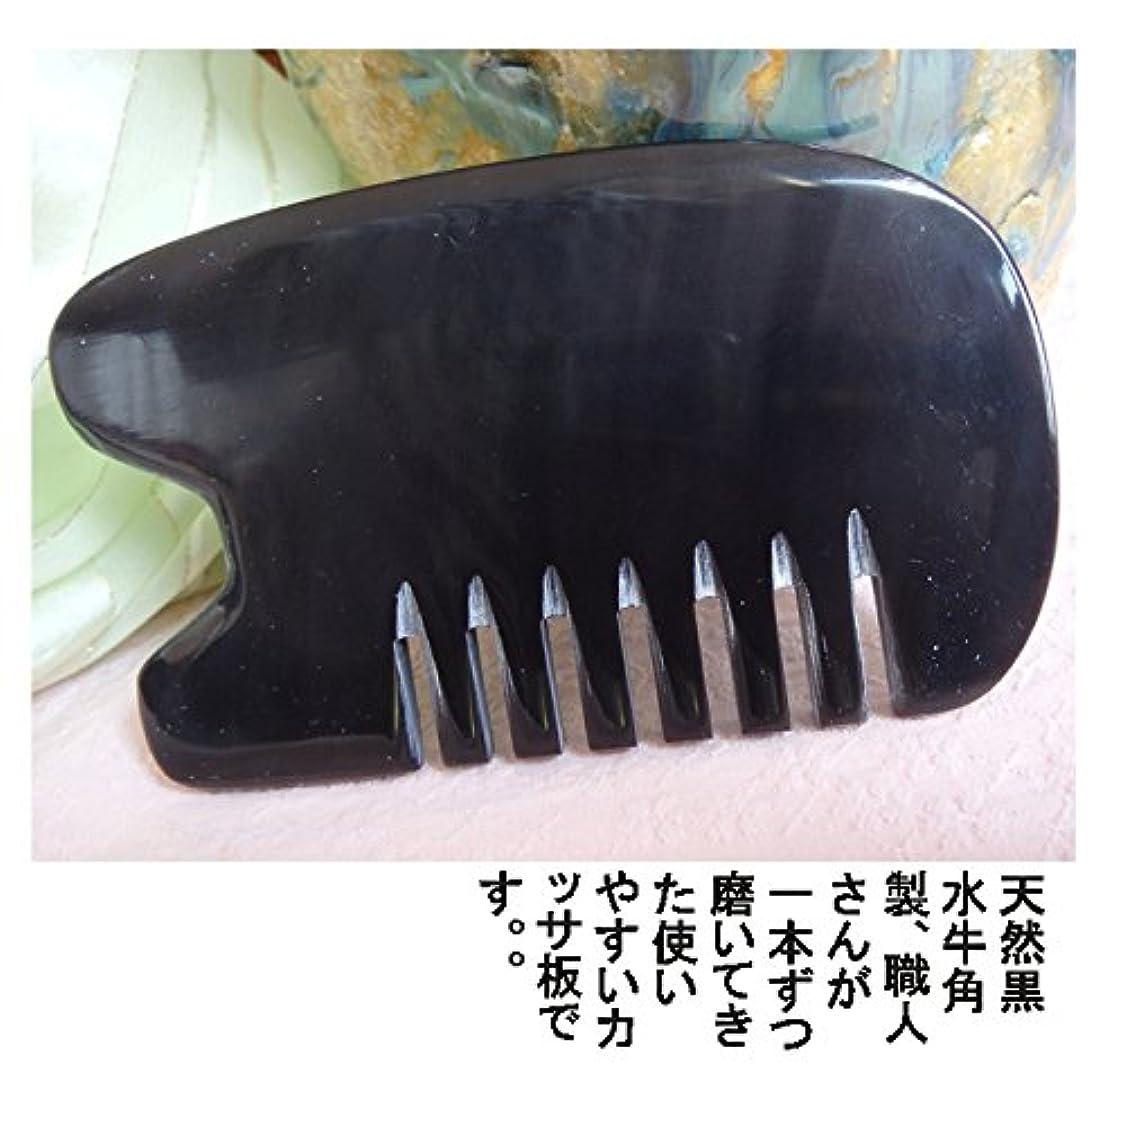 がんばり続けるボタンスムーズにかっさ板、美容、刮莎板、グアシャ板,水牛角製